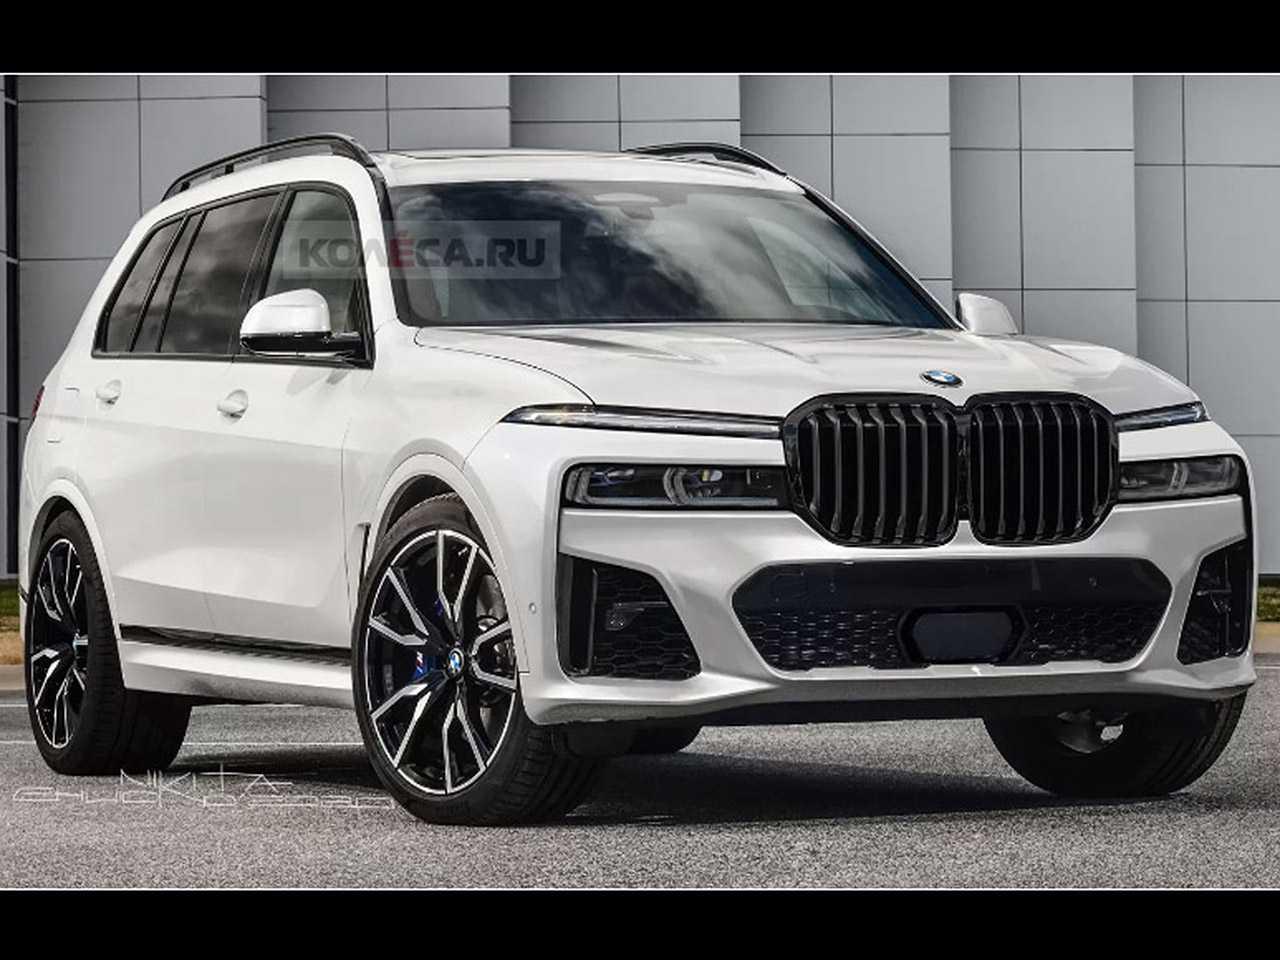 Projeção do site russo Kolesa antecipando o facelift do BMW X7